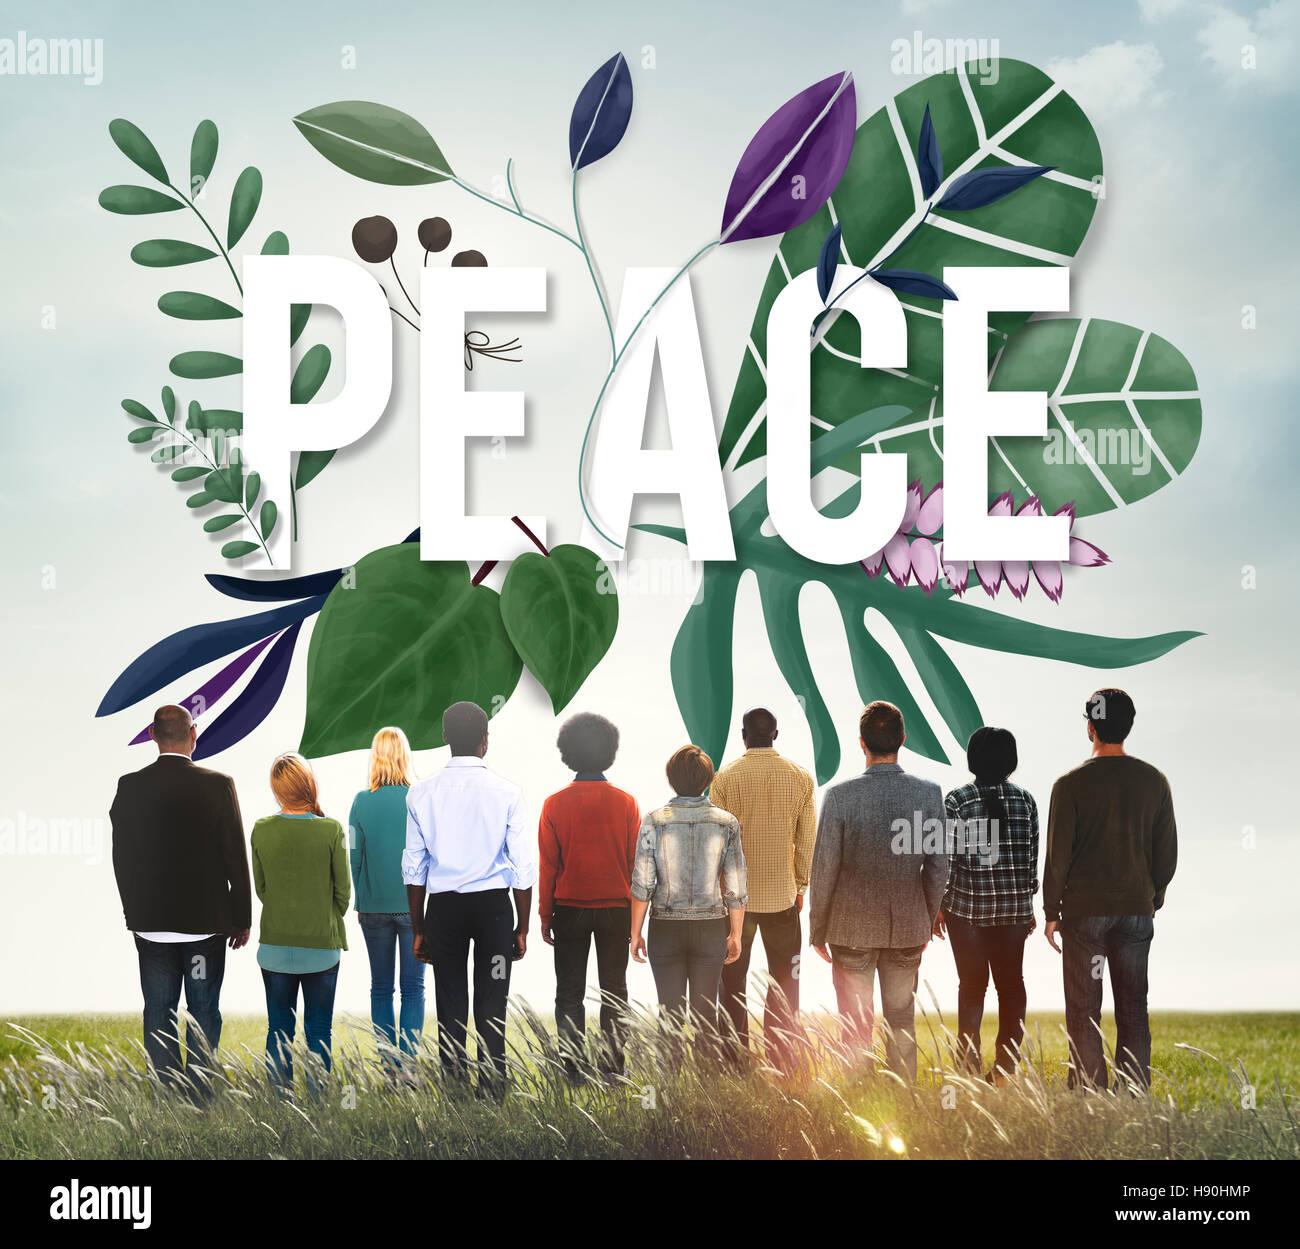 Peace Calm Free Nonviolence Privacy Solitude Zen Concept - Stock Image